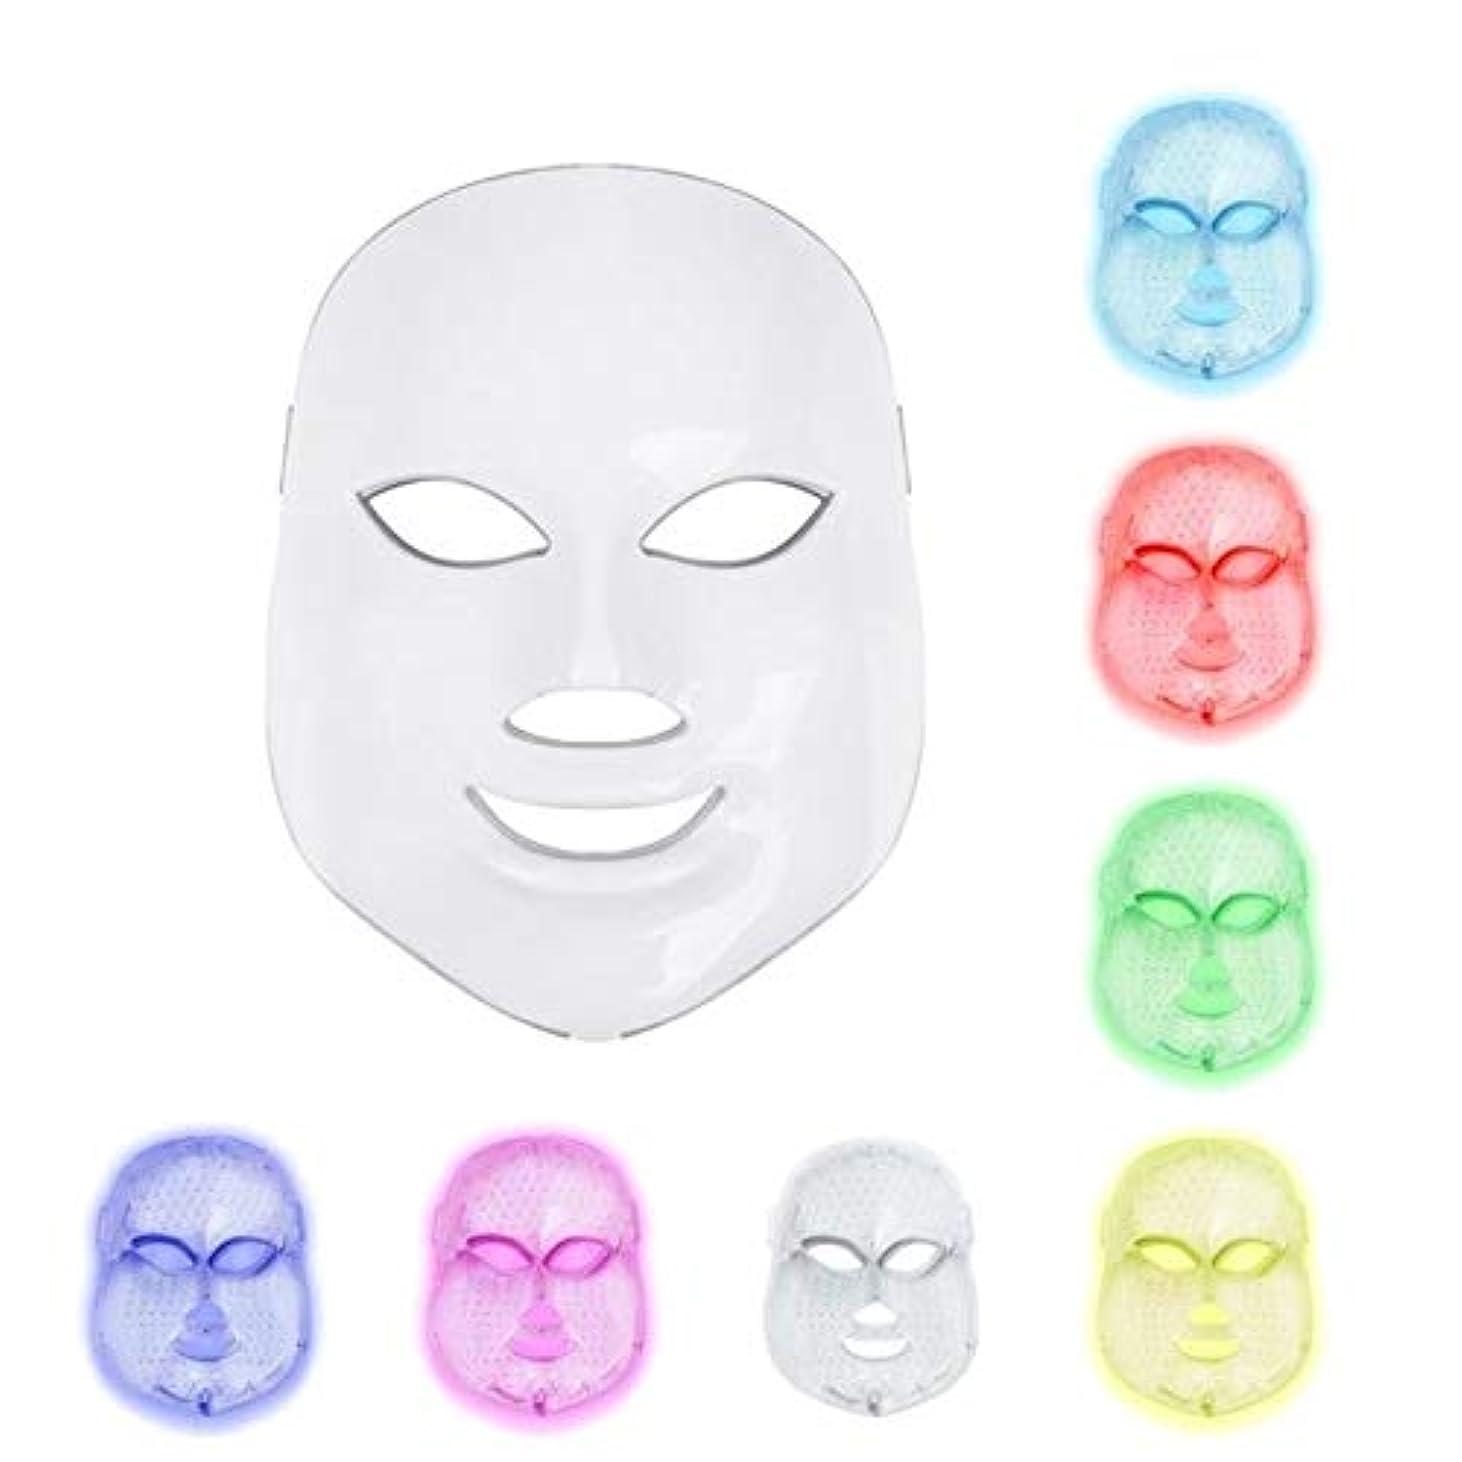 教四陽気なLed光子療法7色光治療肌の若返りにきびスポットしわホワイトニング美顔術デイリースキンケアマスク